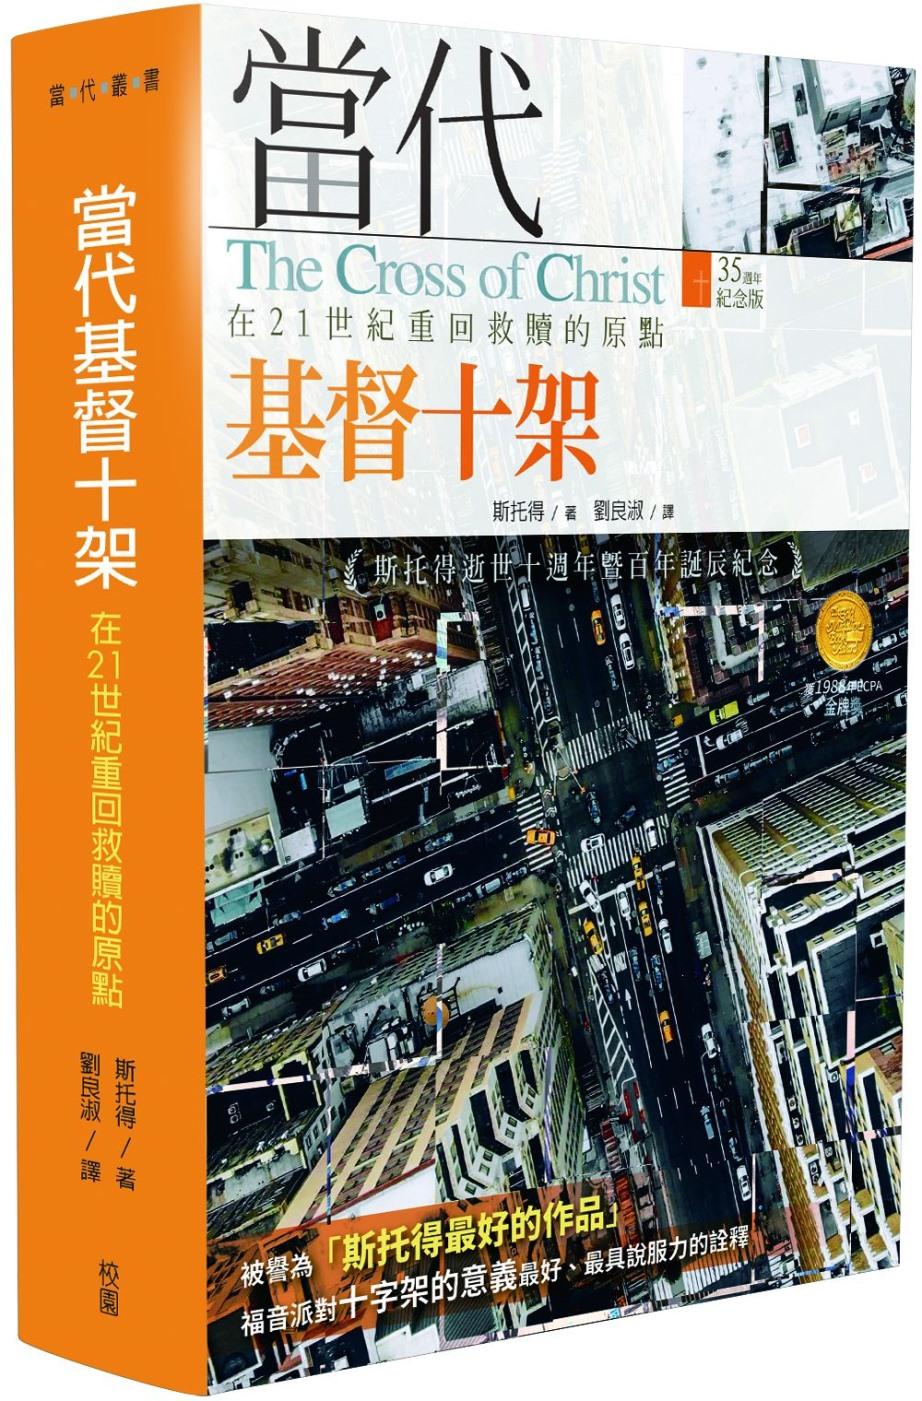 當代基督十架:在21世紀重回救...